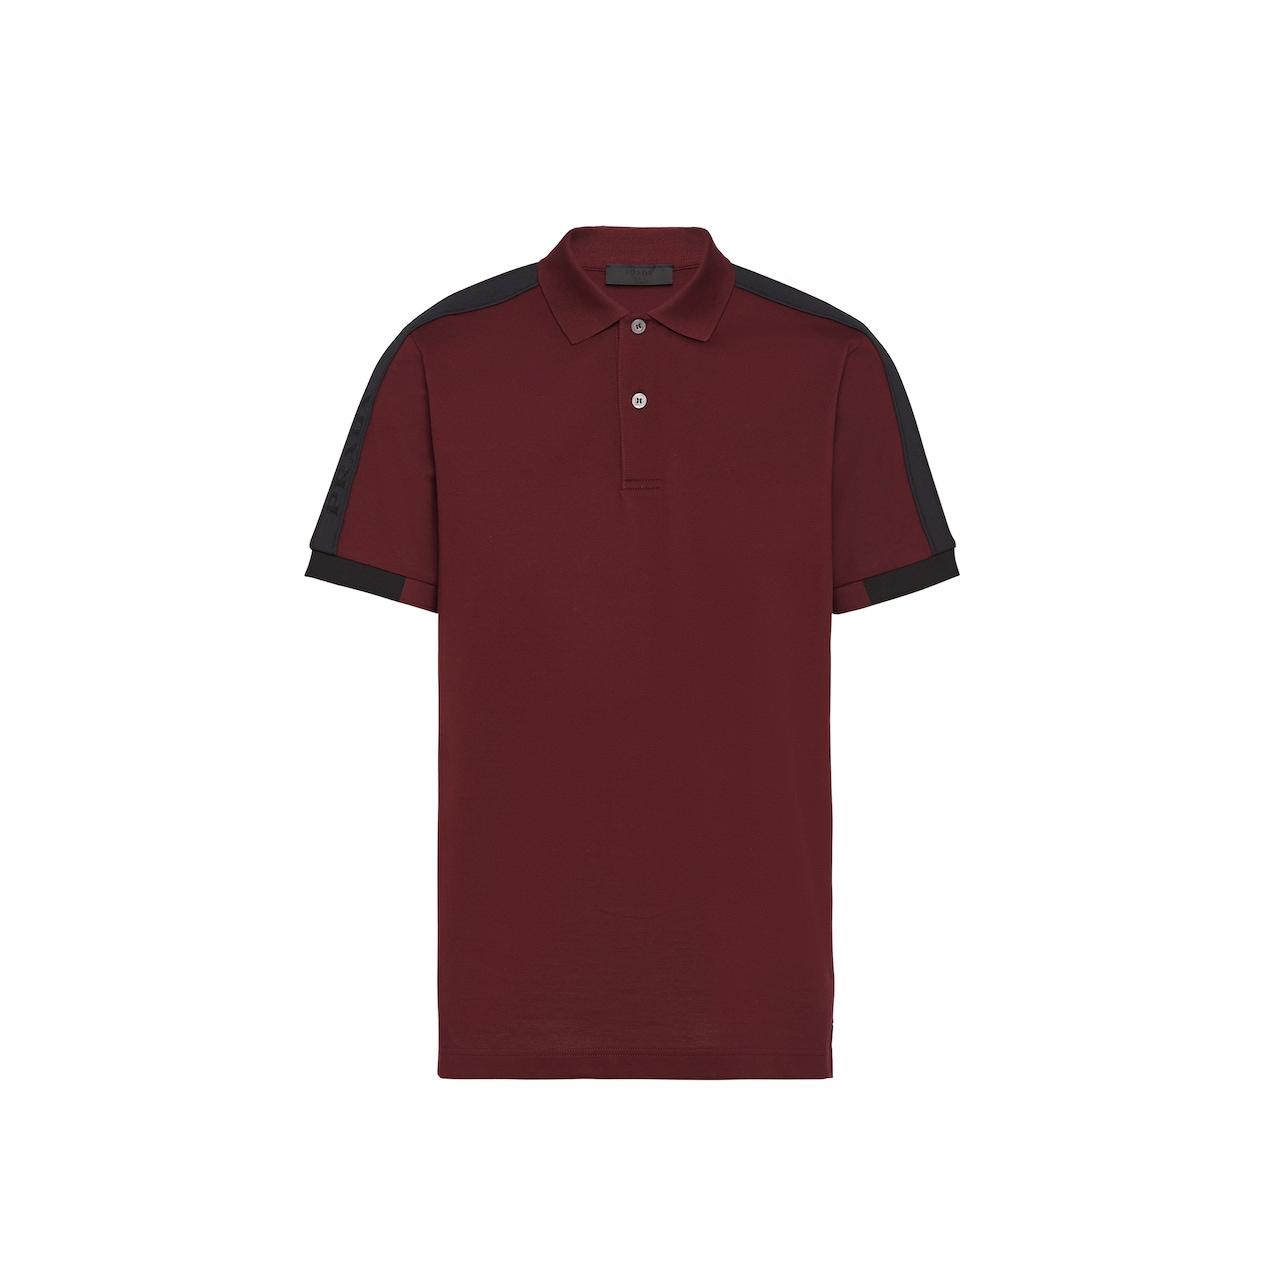 Prada Piqué polo shirt 1